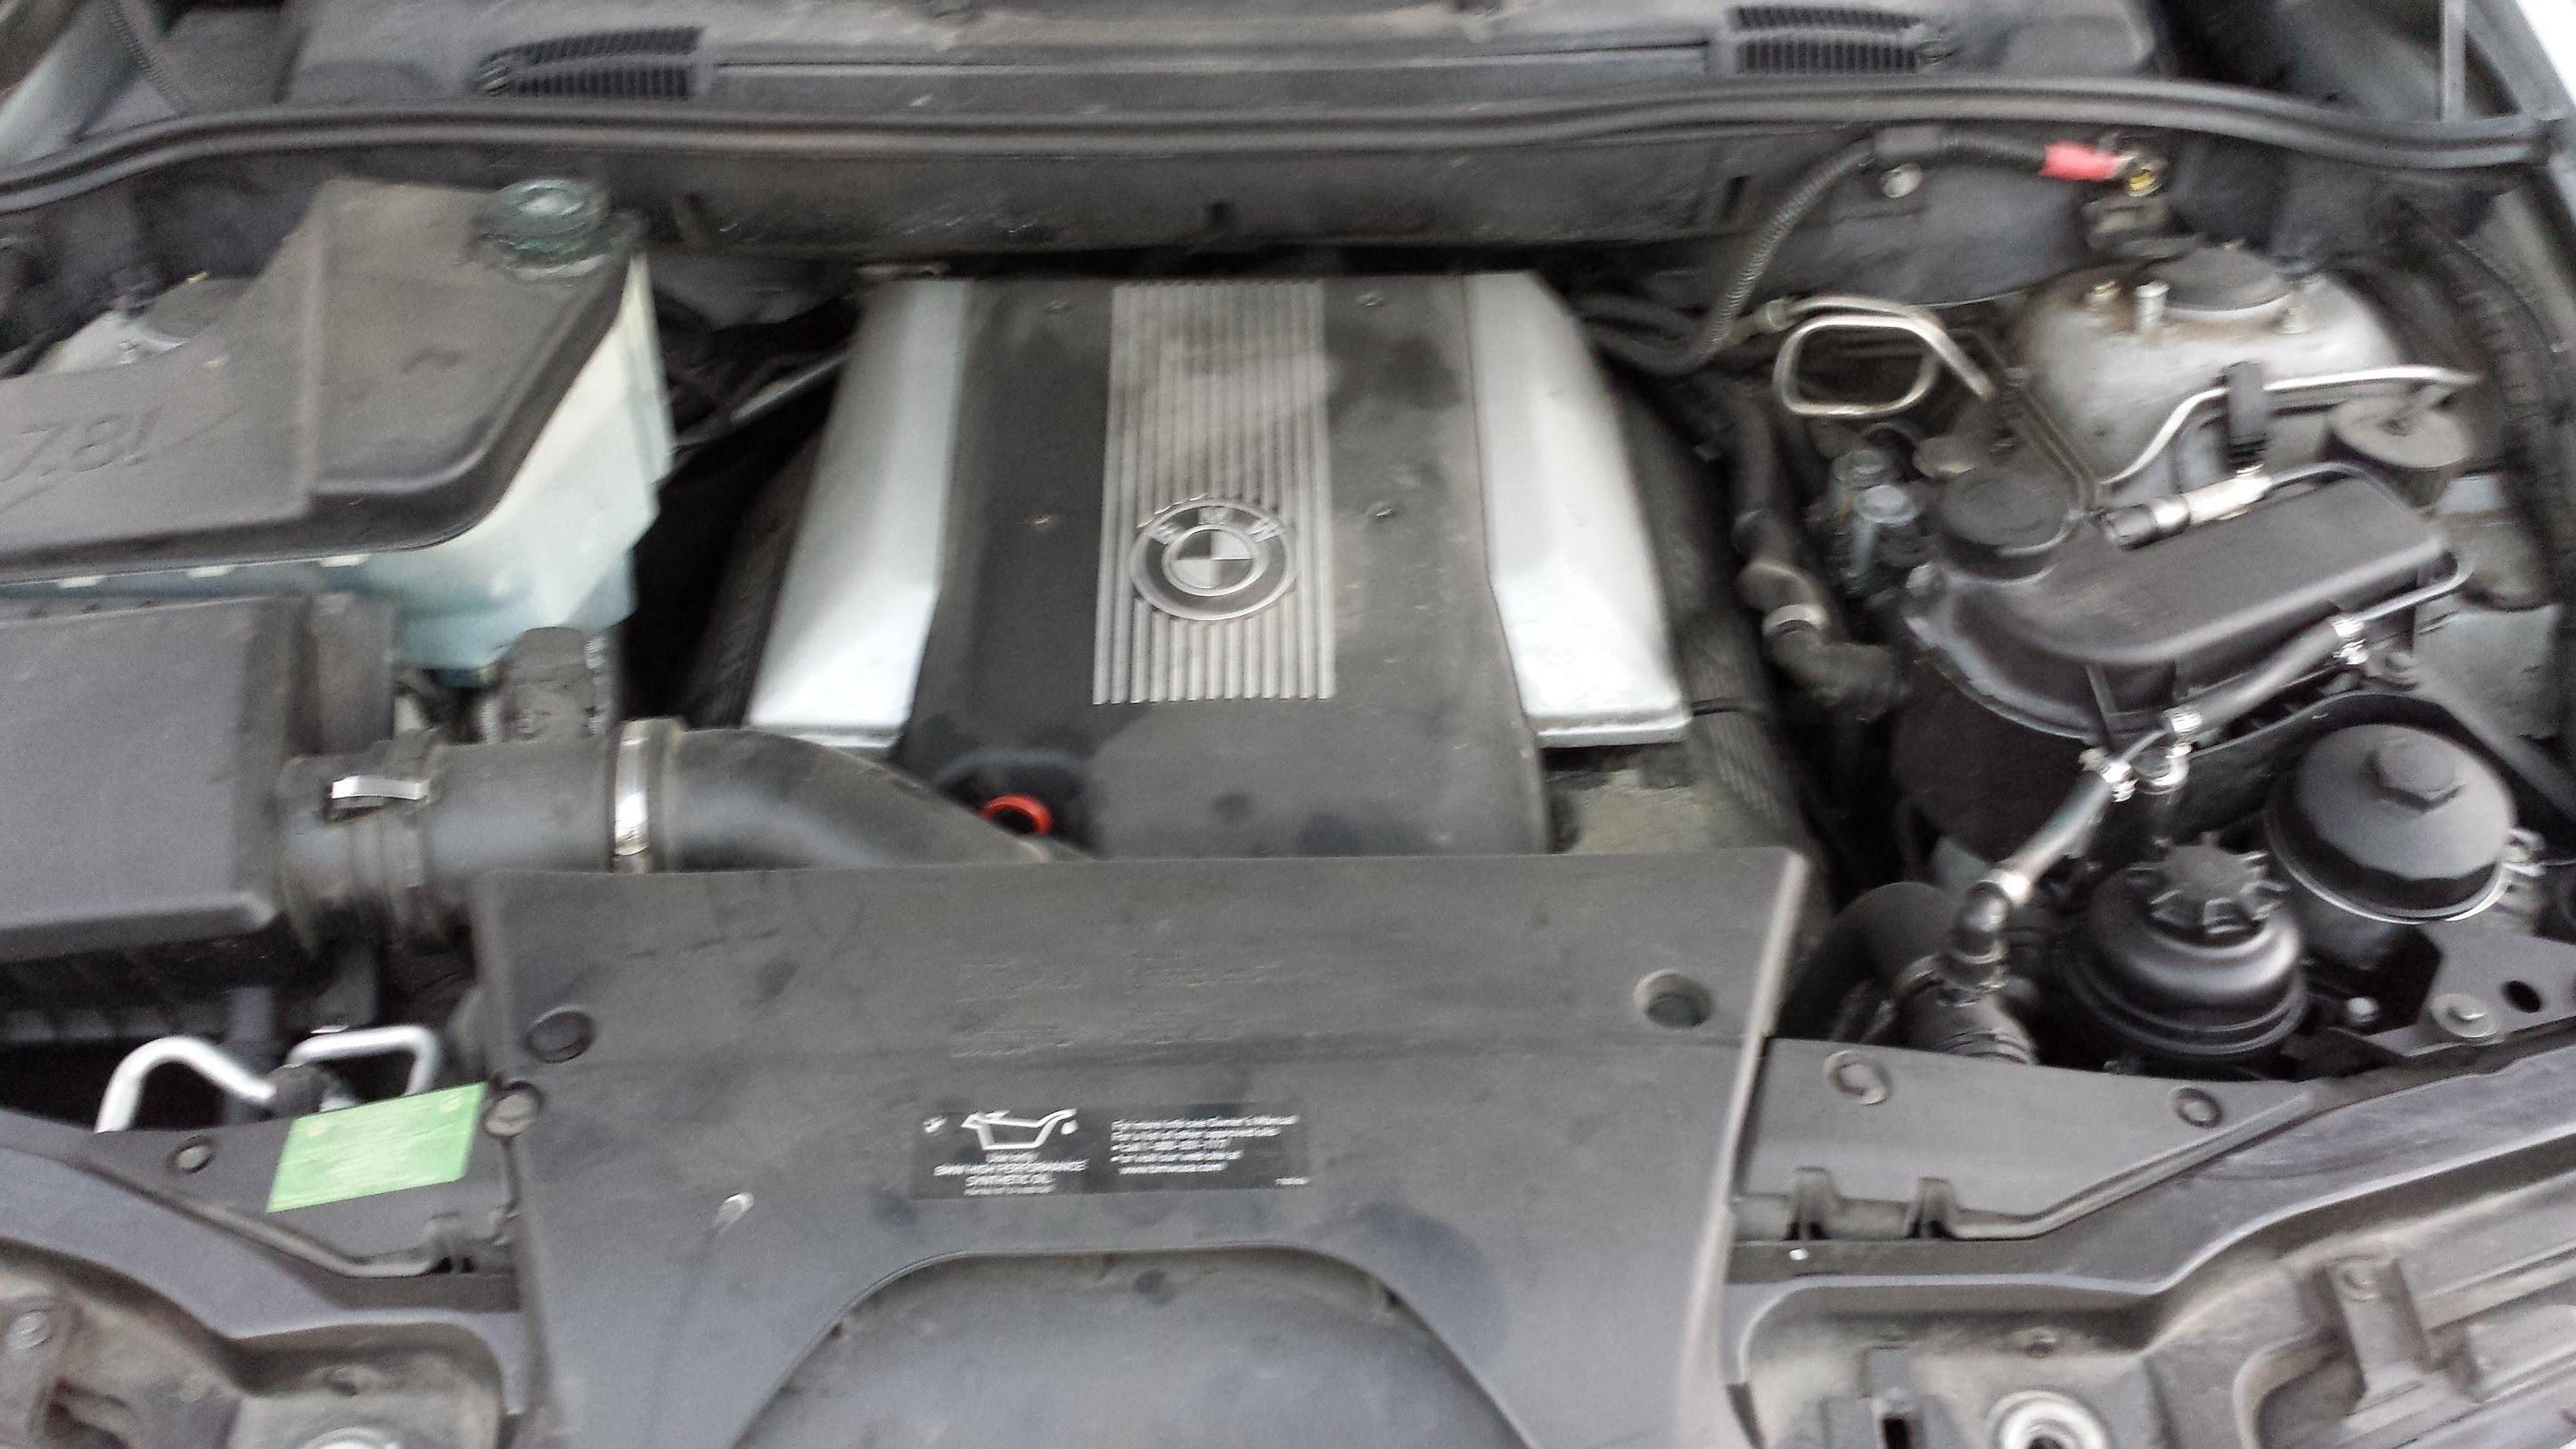 2000 Bmw 528i Engine Diagram Bmw E53 X5 4 4 Vanos Engine Diagram Of 2000 Bmw 528i Engine Diagram